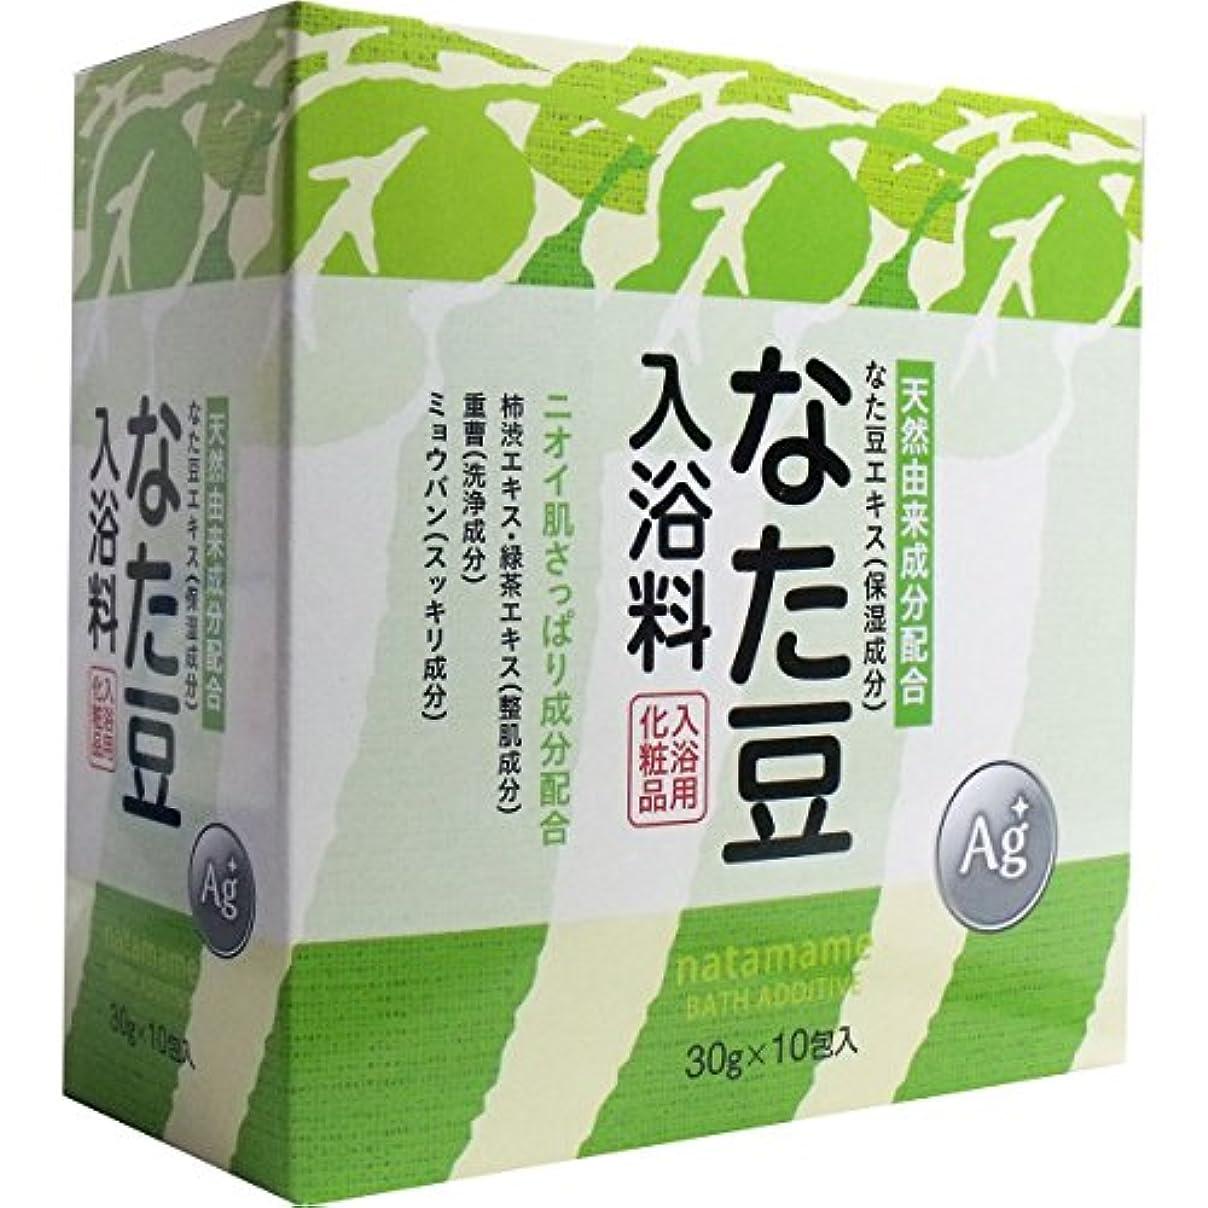 孤独な倉庫習字なた豆入浴料 入浴用化粧品 30g×10包入×6